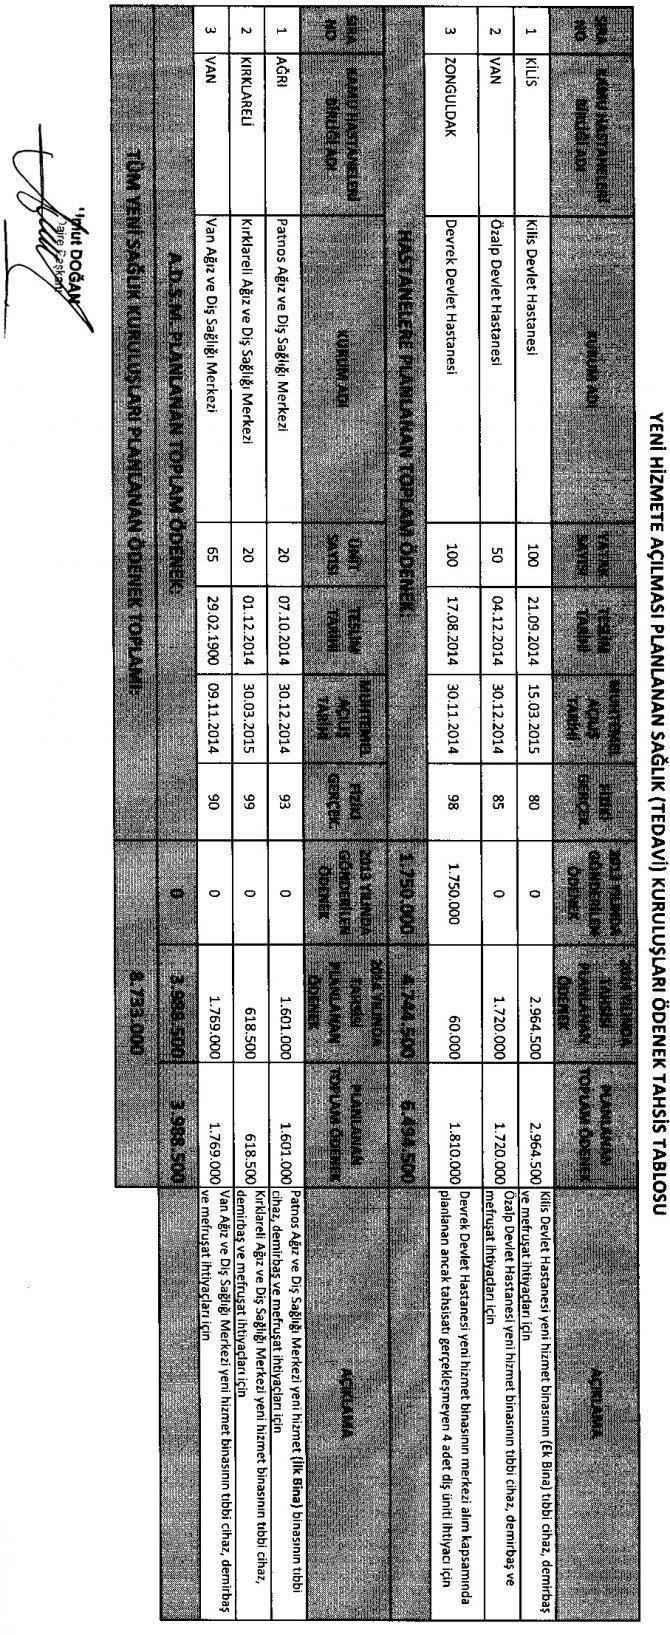 saglik-tesislerinin-odenek-planlamasi1-001.jpg